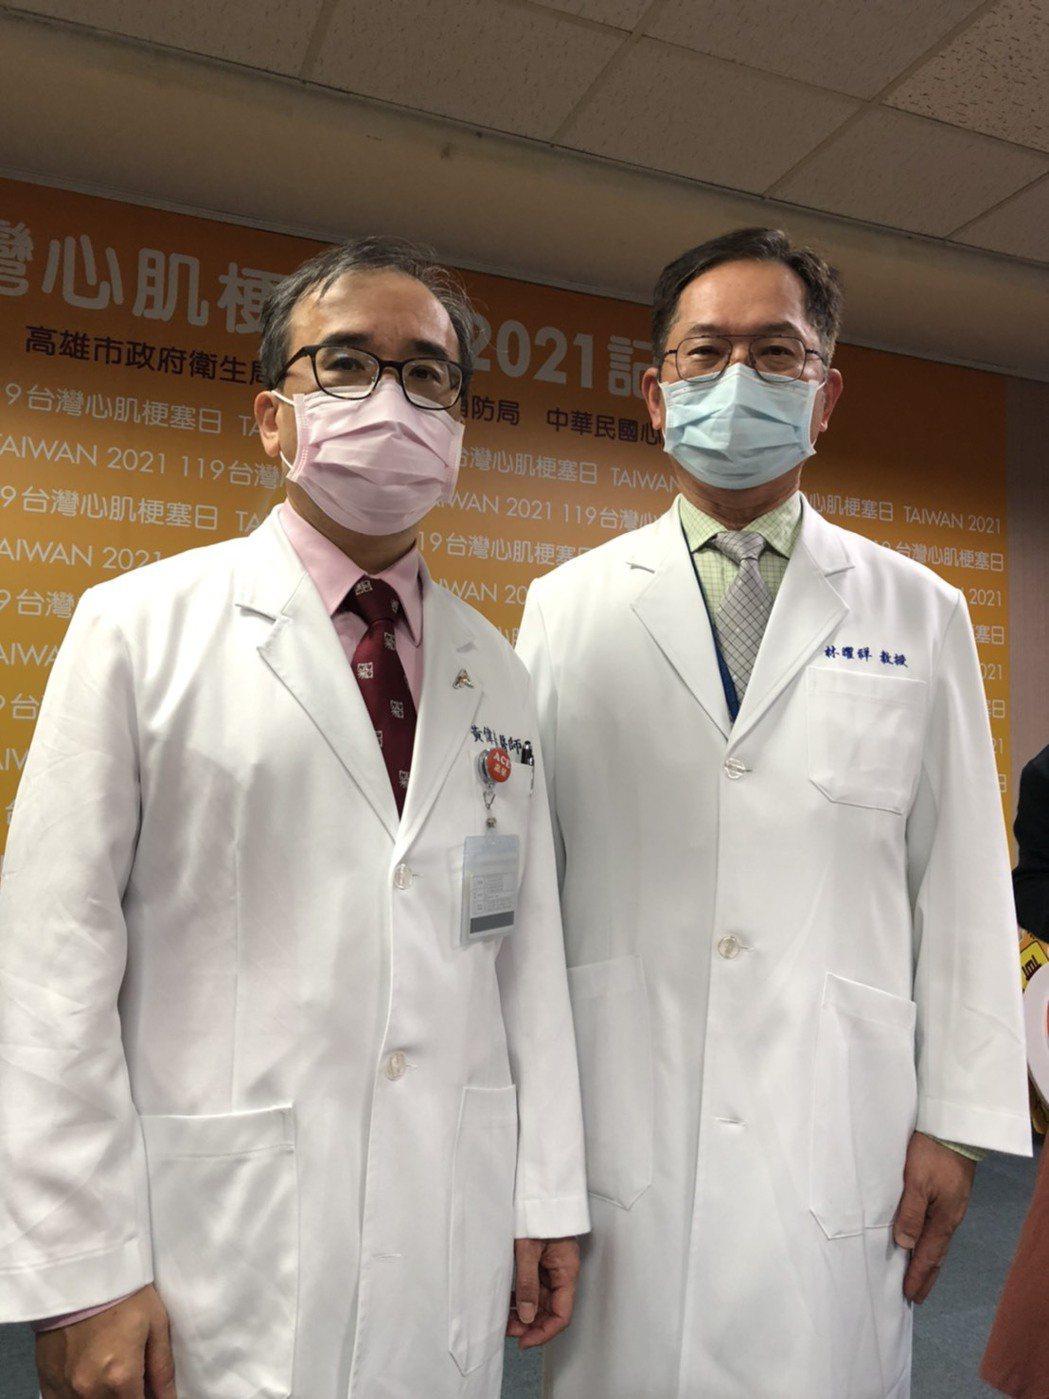 高榮院長林曜祥(右)說,心肌梗塞分秒必爭,高雄連4年捐贈到院前救護車用藥「守心藥...